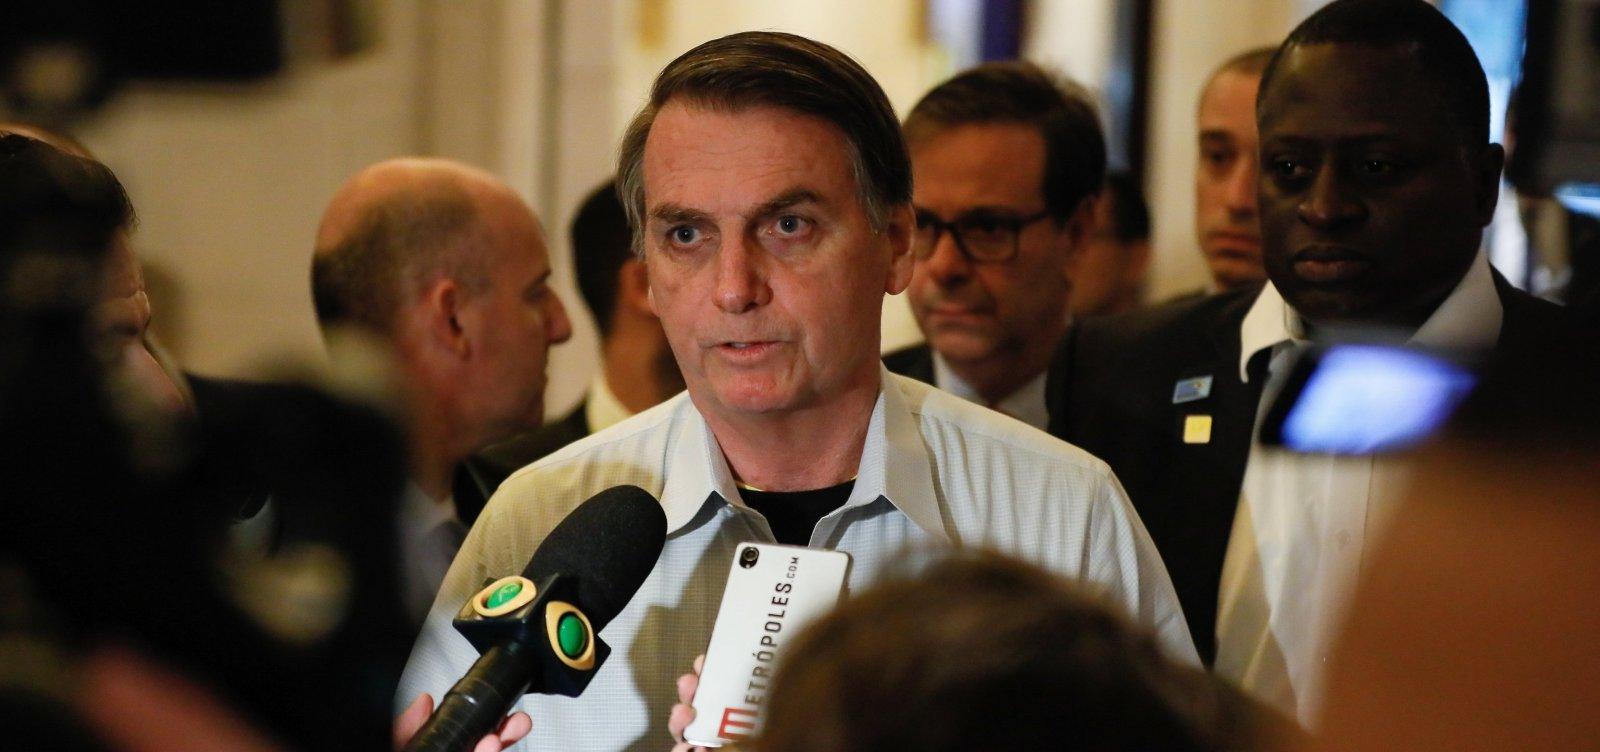 [Brasil retira exigência de visto para turistas do Qatar]